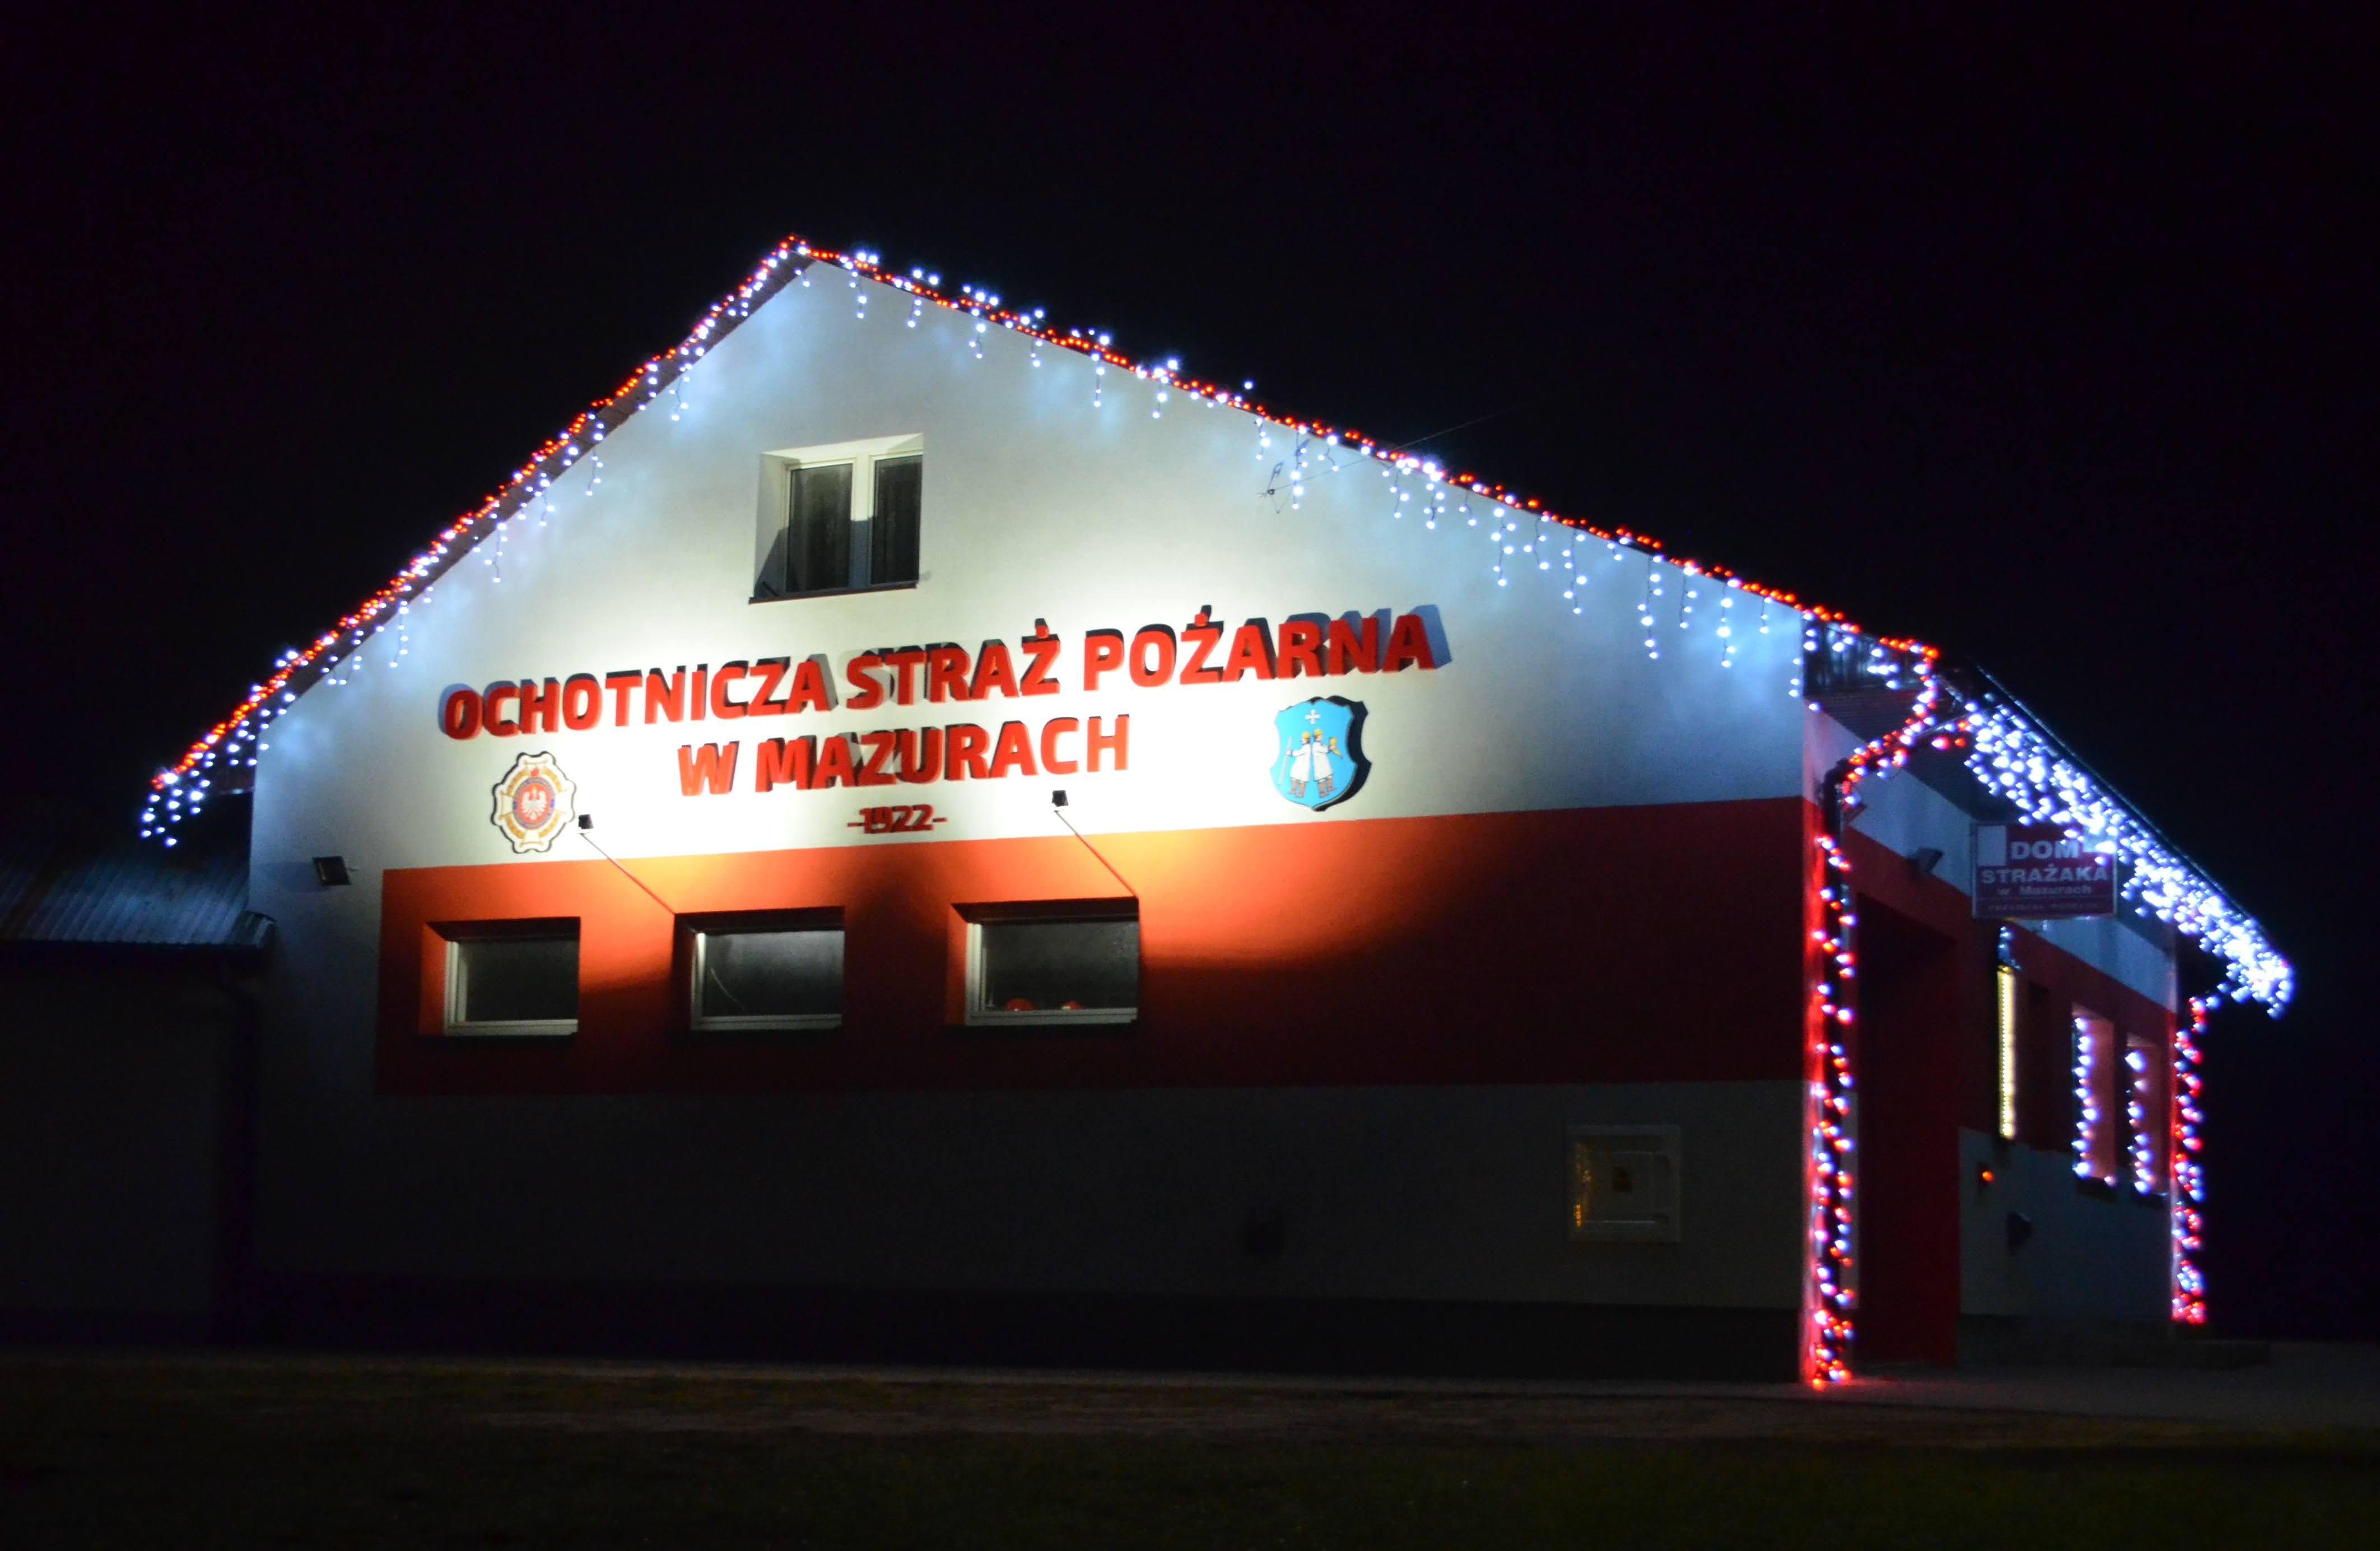 Remiza strażacka w świątecznym wydaniu [FOTO] - Zdjęcie główne